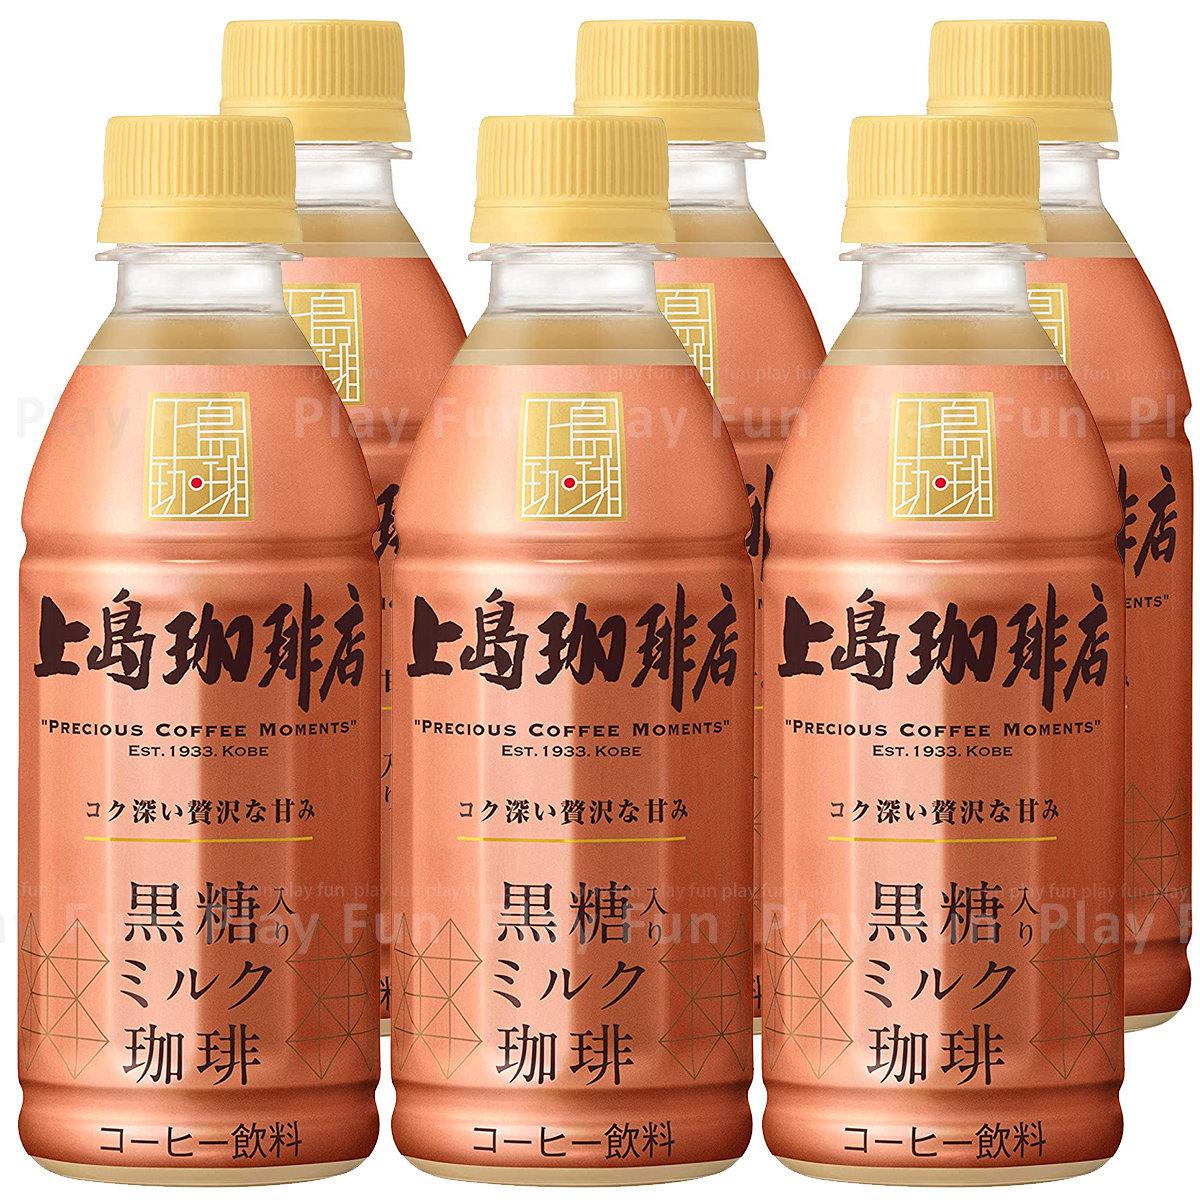 上島珈琲店 黑糖牛奶咖啡 270ml x 6支  (4901201138188_6)